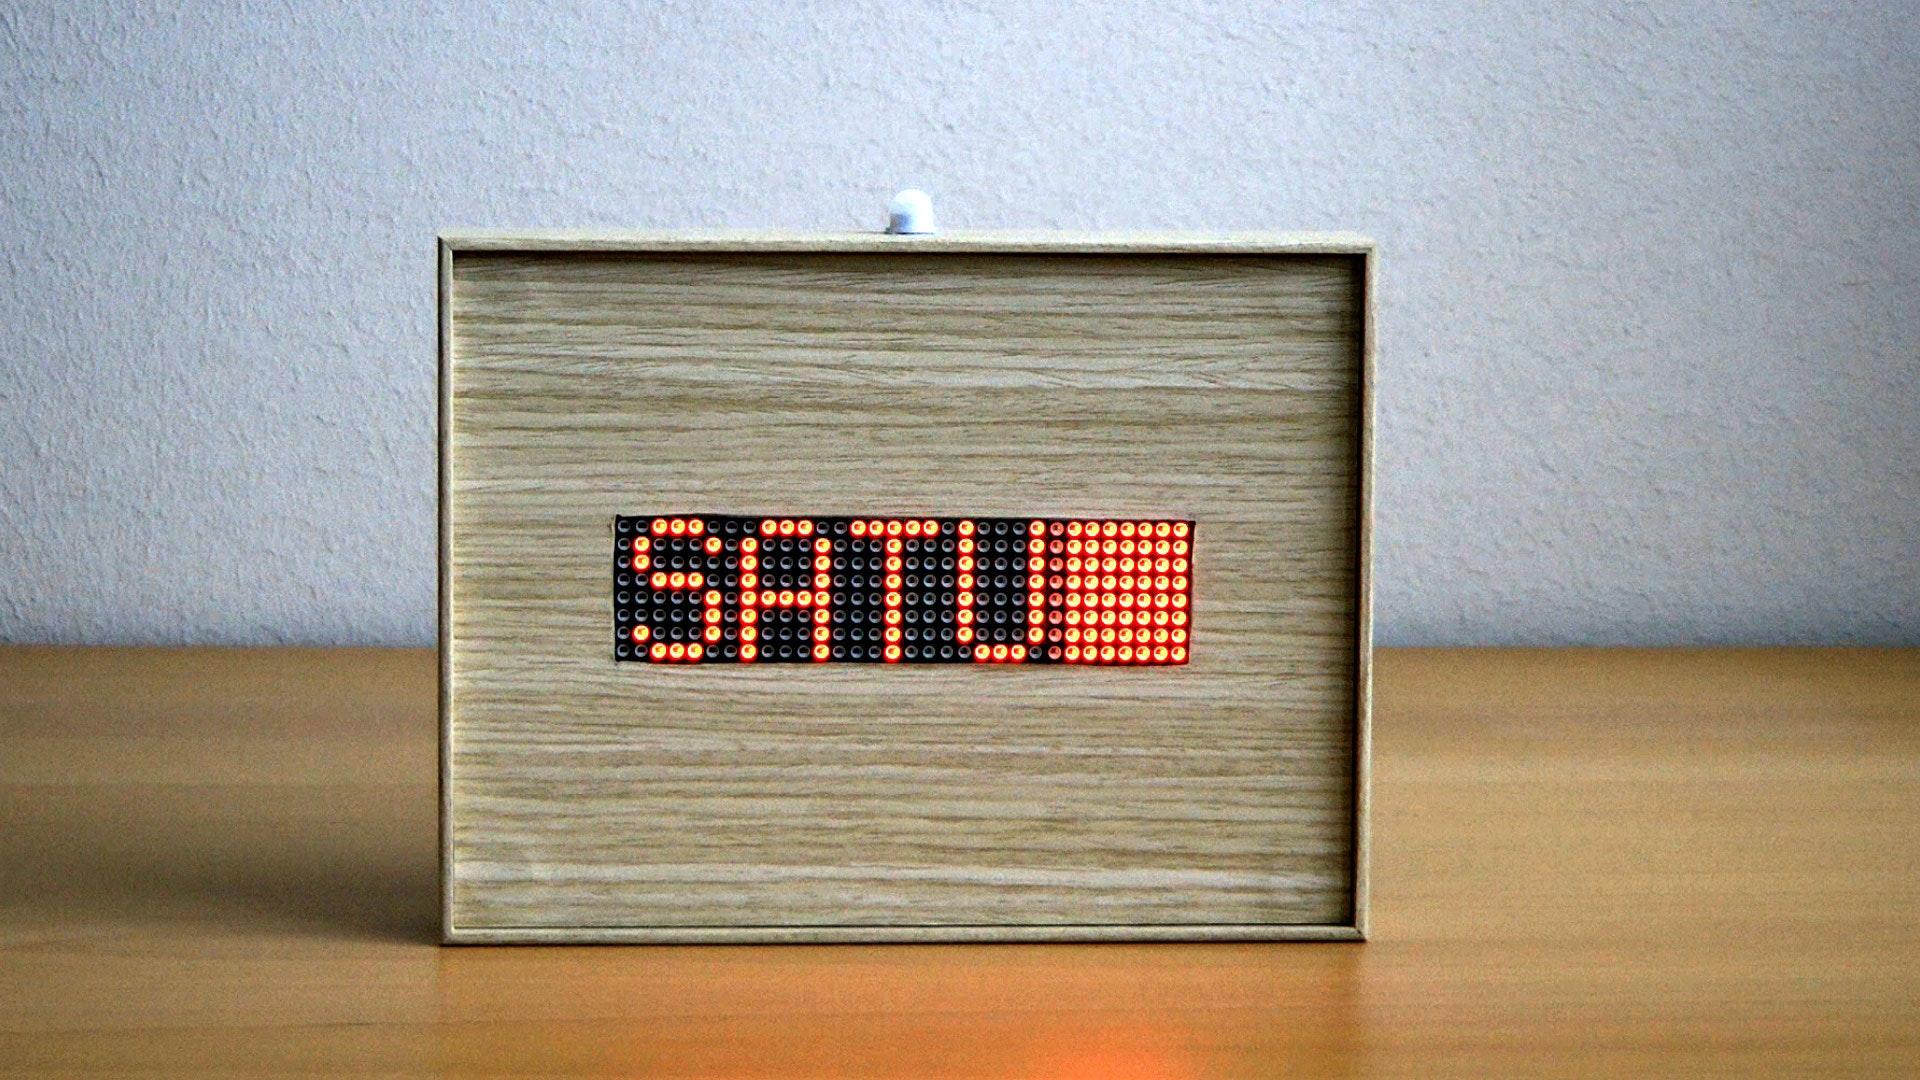 145 clocks projects arduino project hub